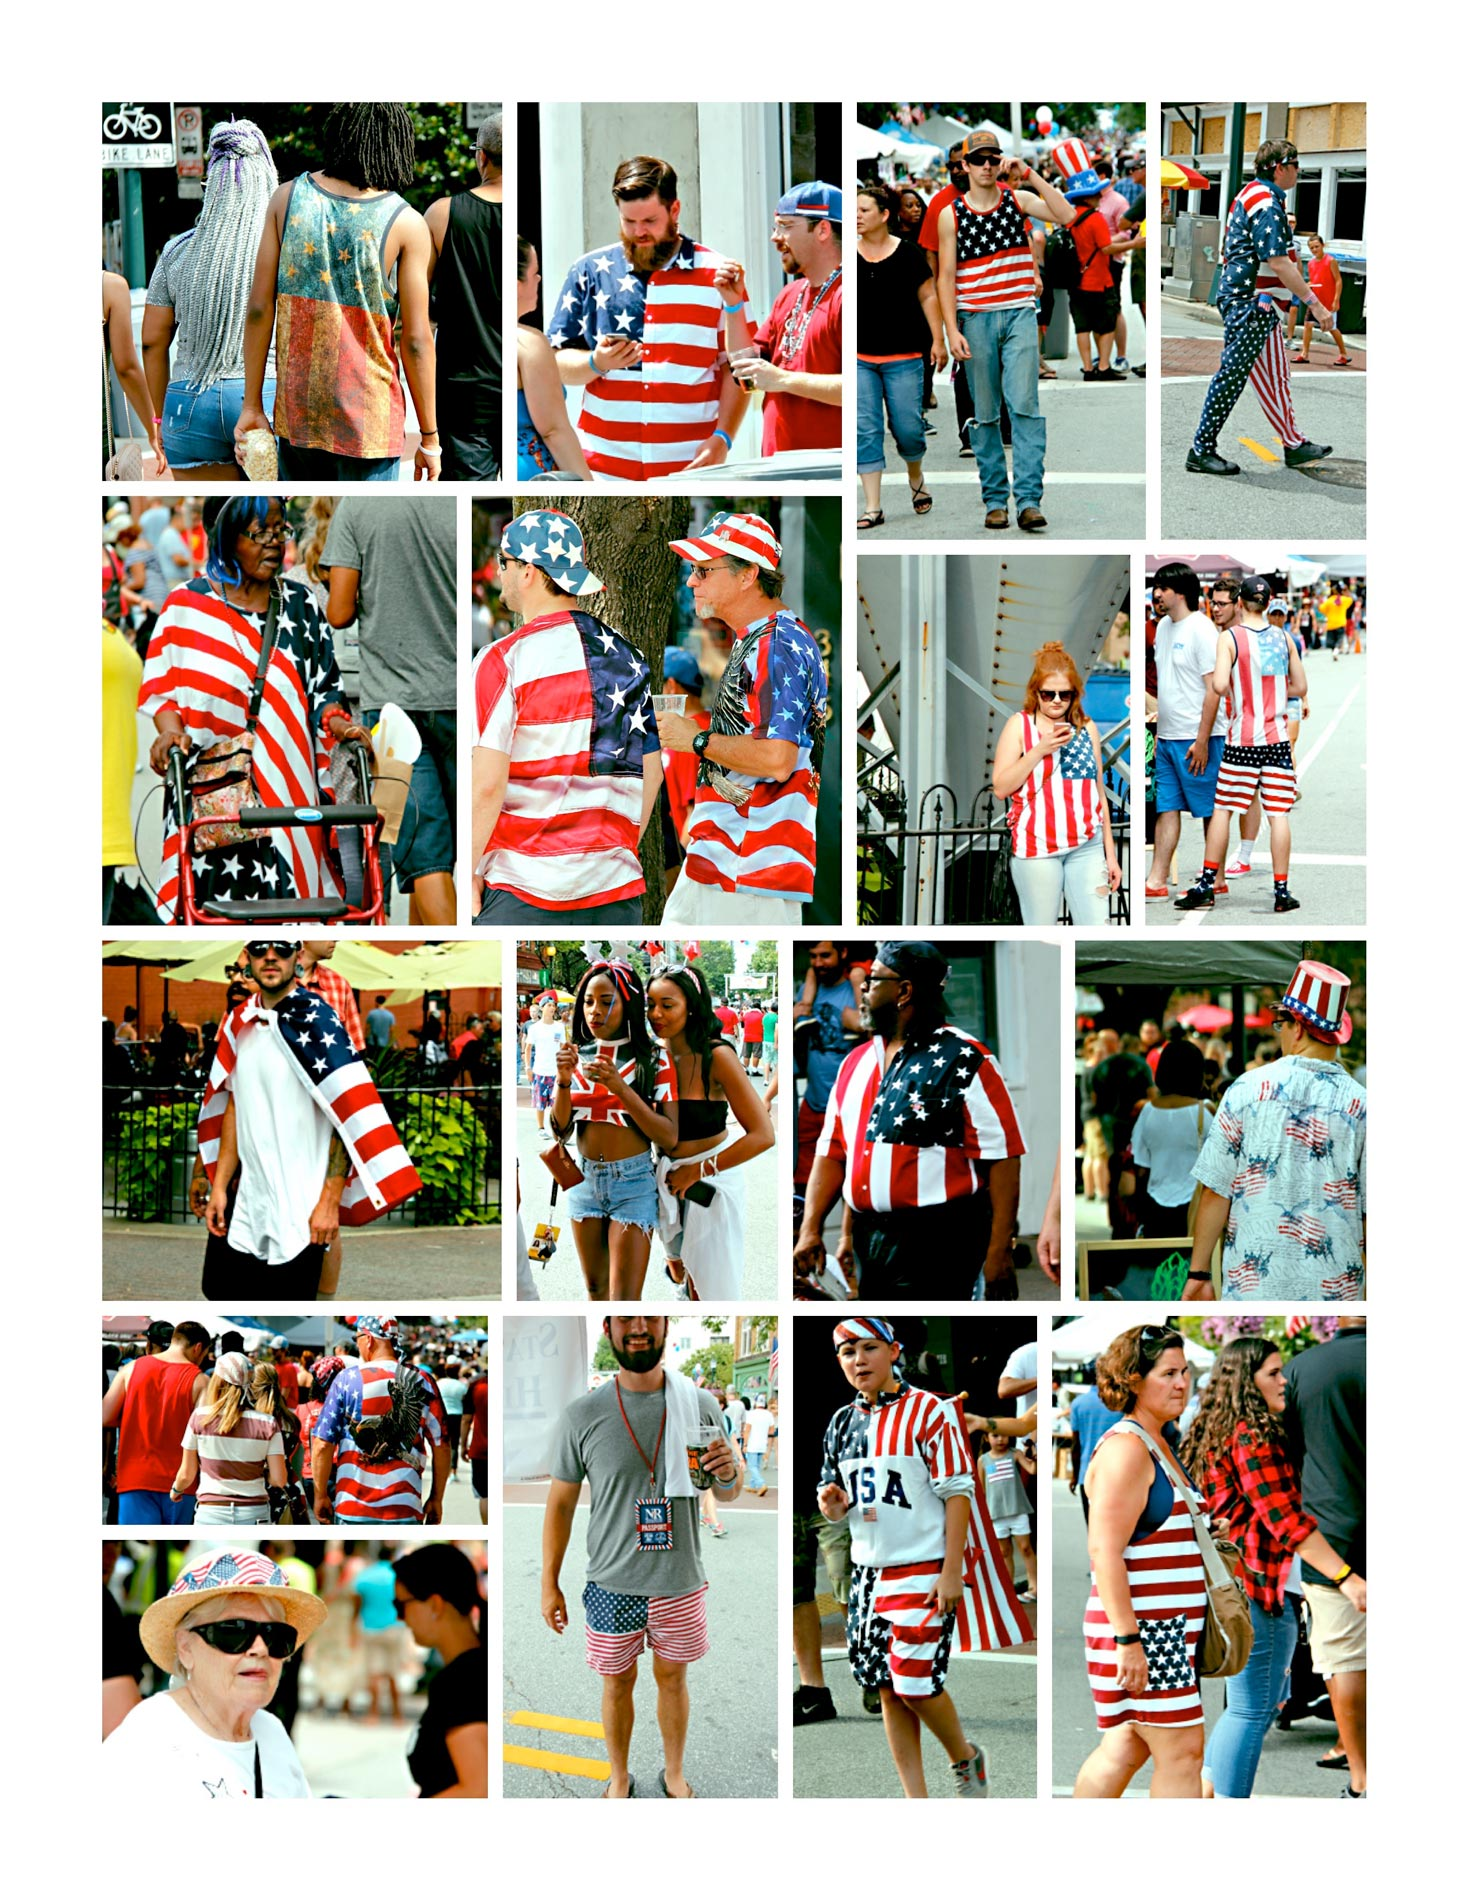 Greensboro-July-4-Wearing-the-Flag.jpg